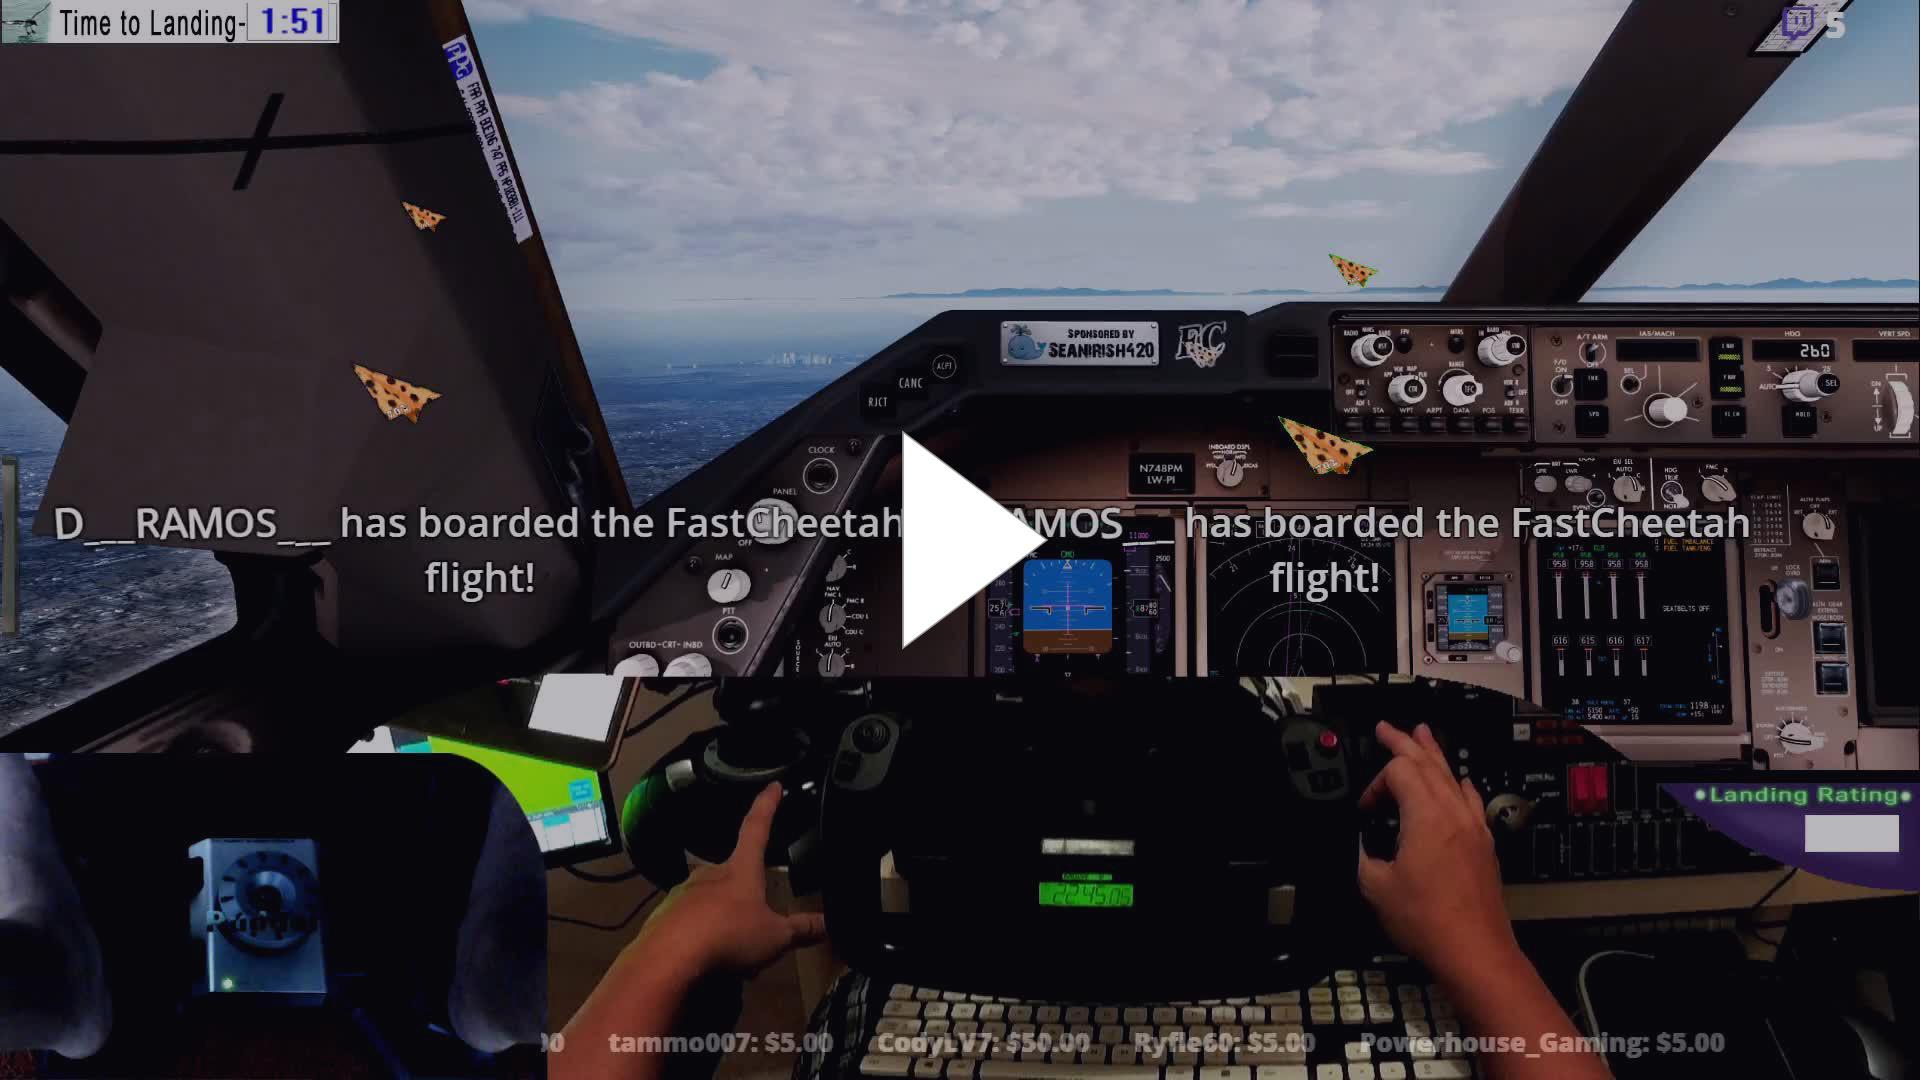 FastCheetah702 - P3DV4 3 PMDG 747-8 KDEN-KLAS - Twitch